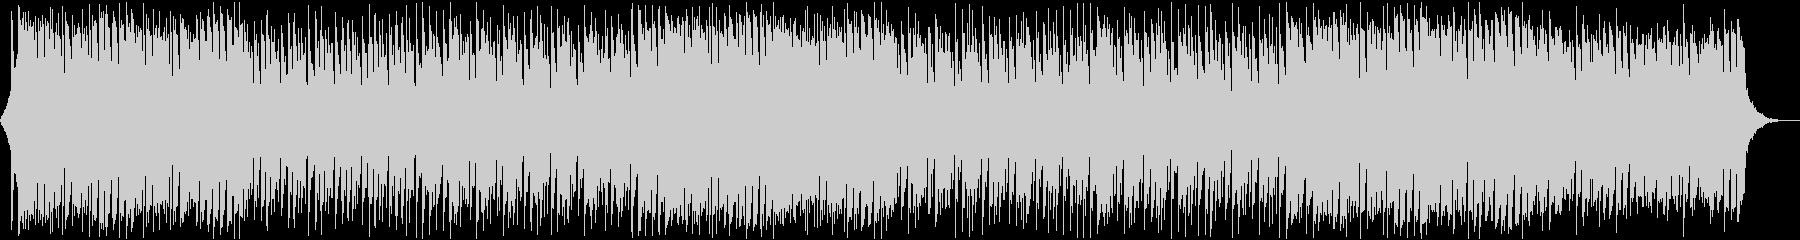 エレクトロ・ノリノリ・コミカルの未再生の波形